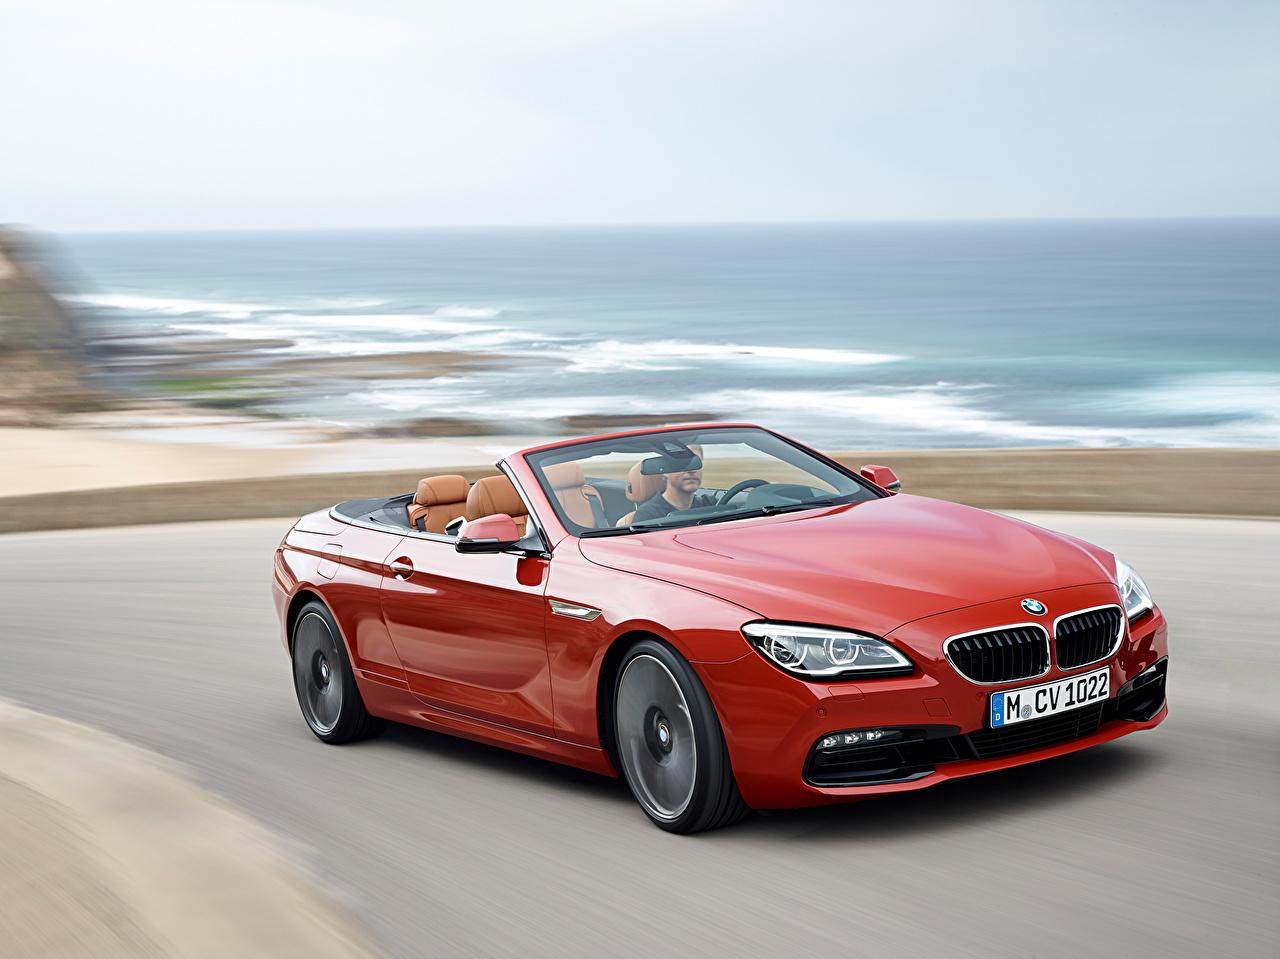 bmw cabriolet rouge